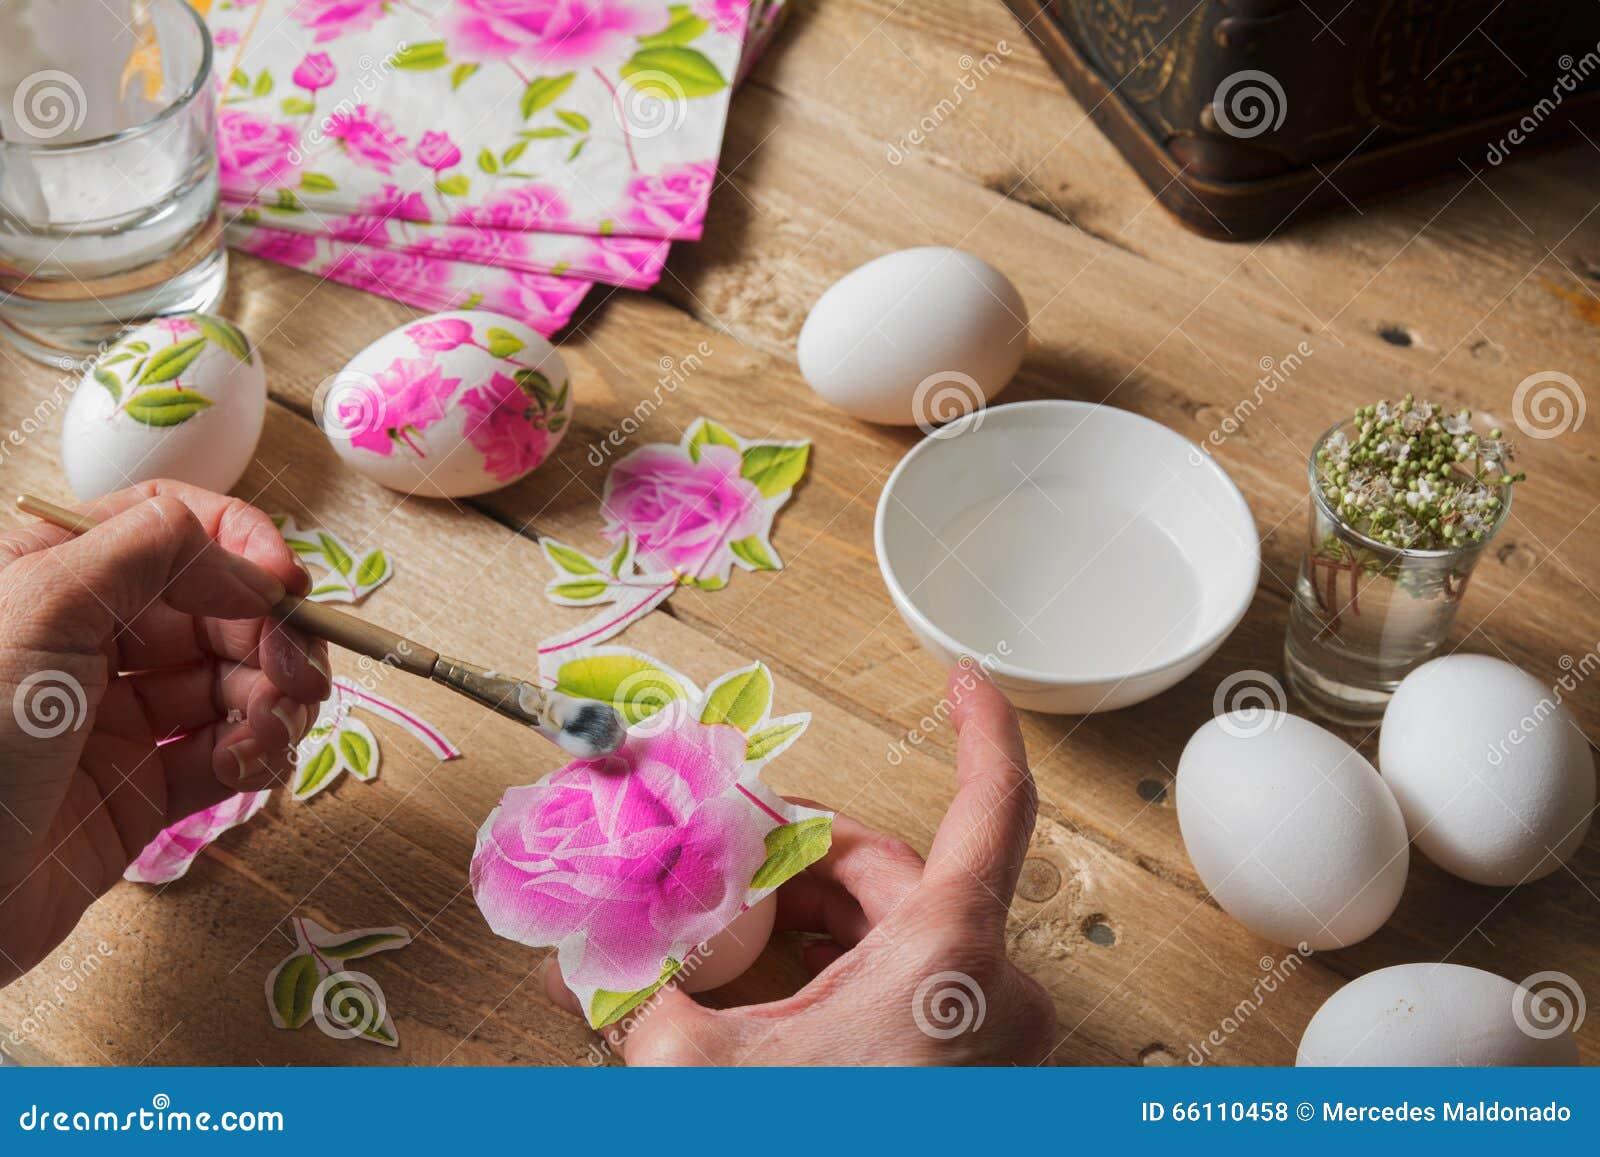 Kvinnan applicerar lim på det kulöra påskägget, teknik av decoup